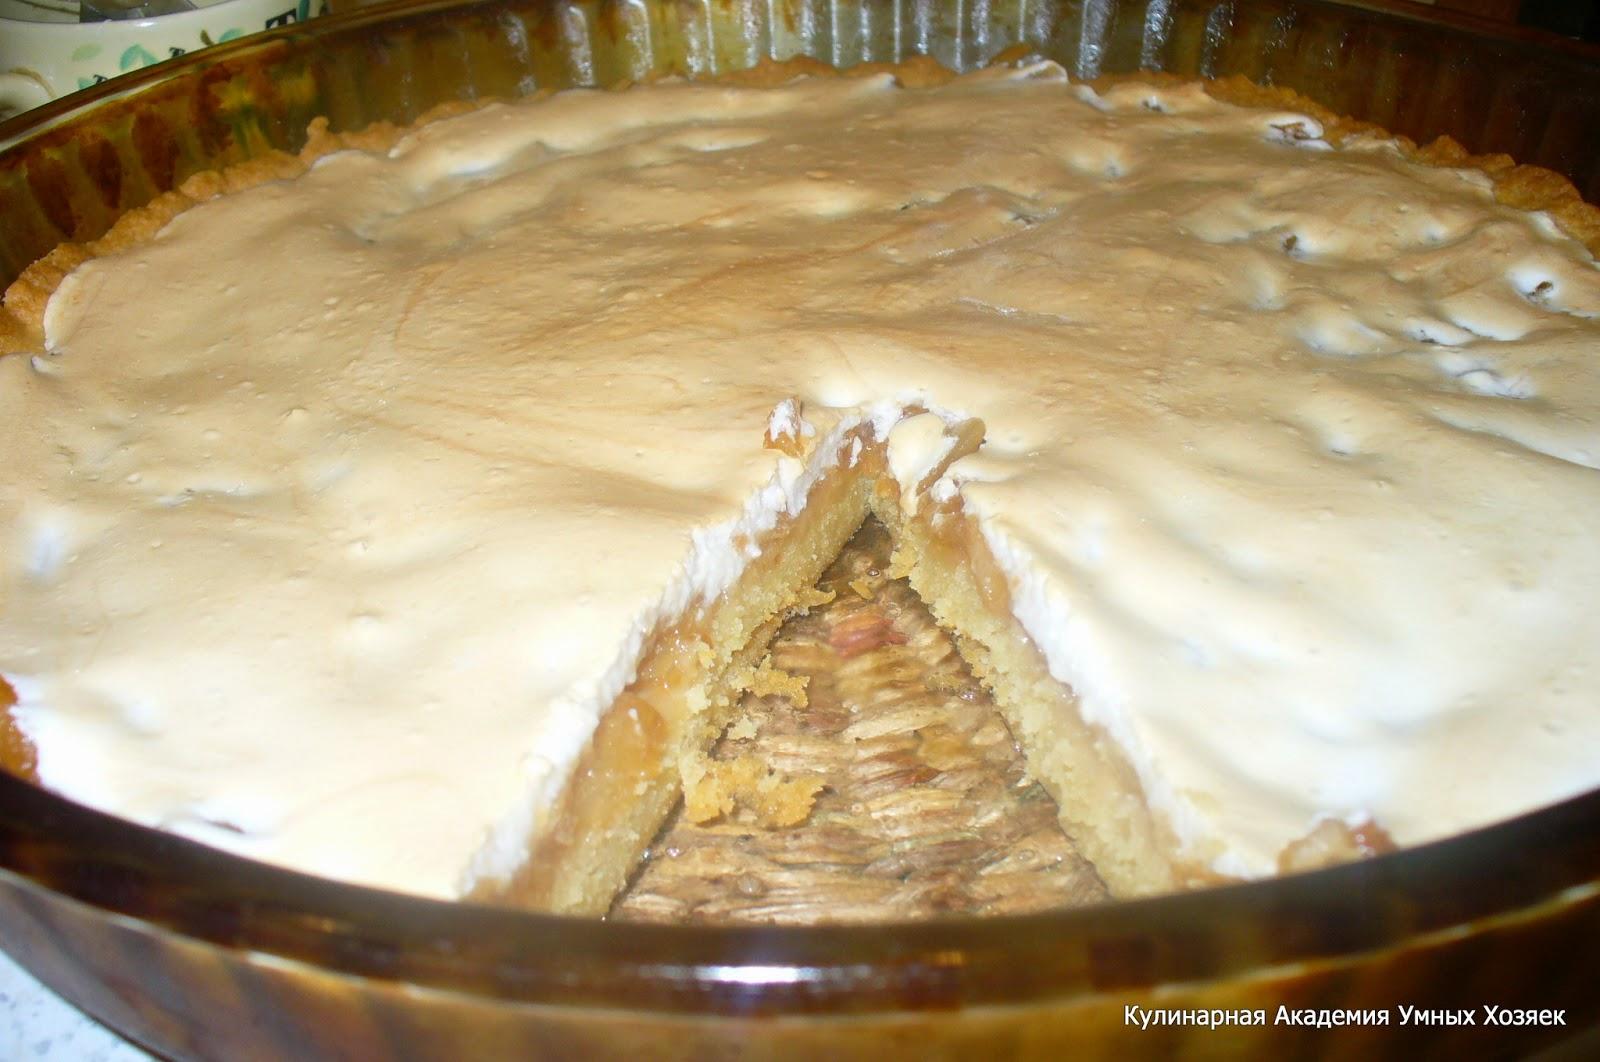 Пирог с яблоками рецепт пошагово в духовке с безе